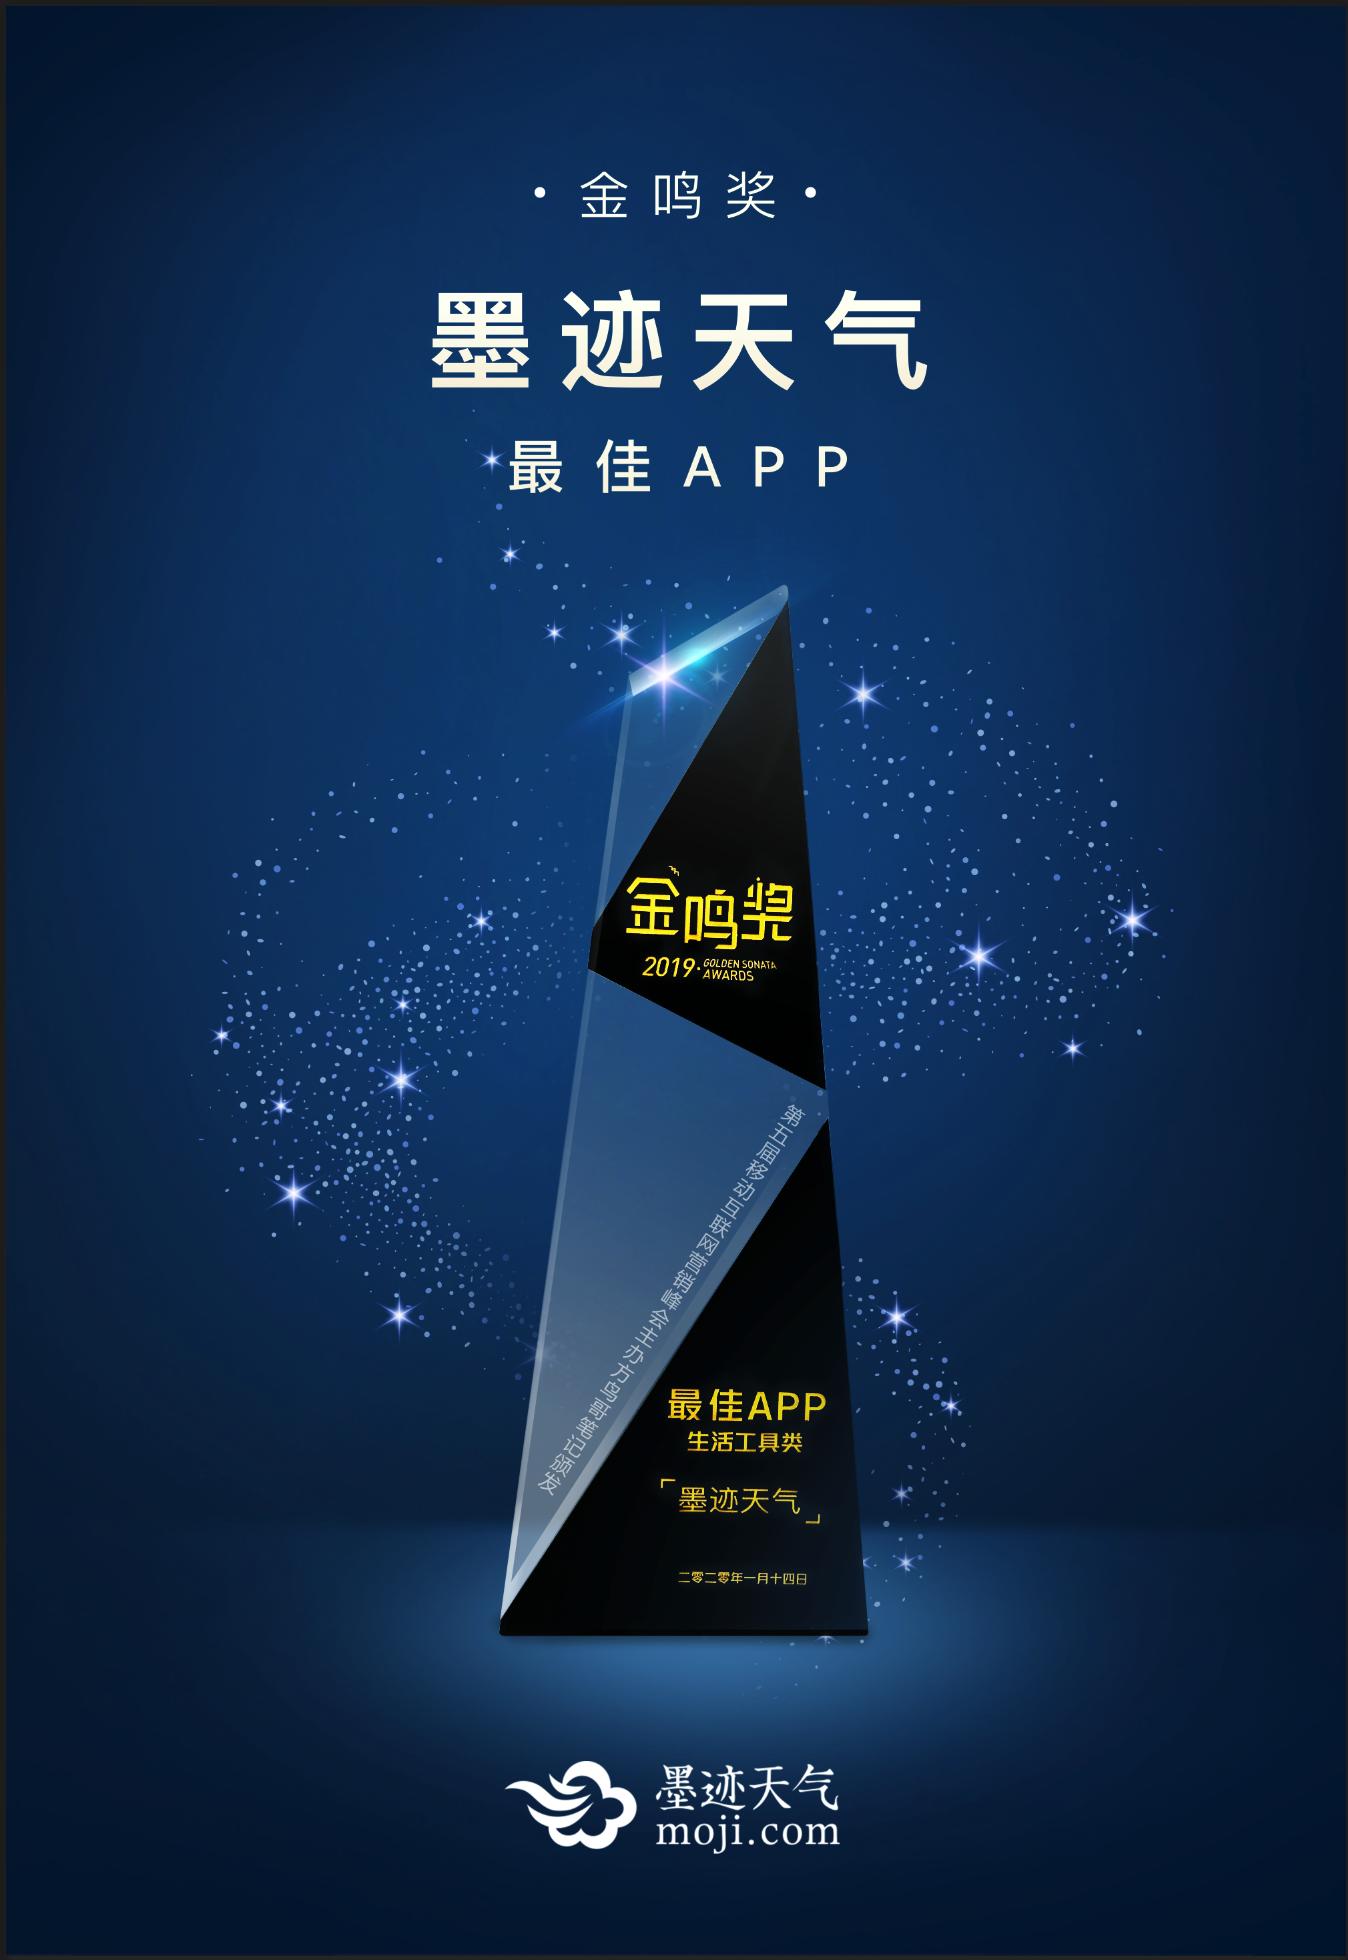 第五届移动互联网营销峰会最佳APP榜单公布 墨迹天气实力上榜